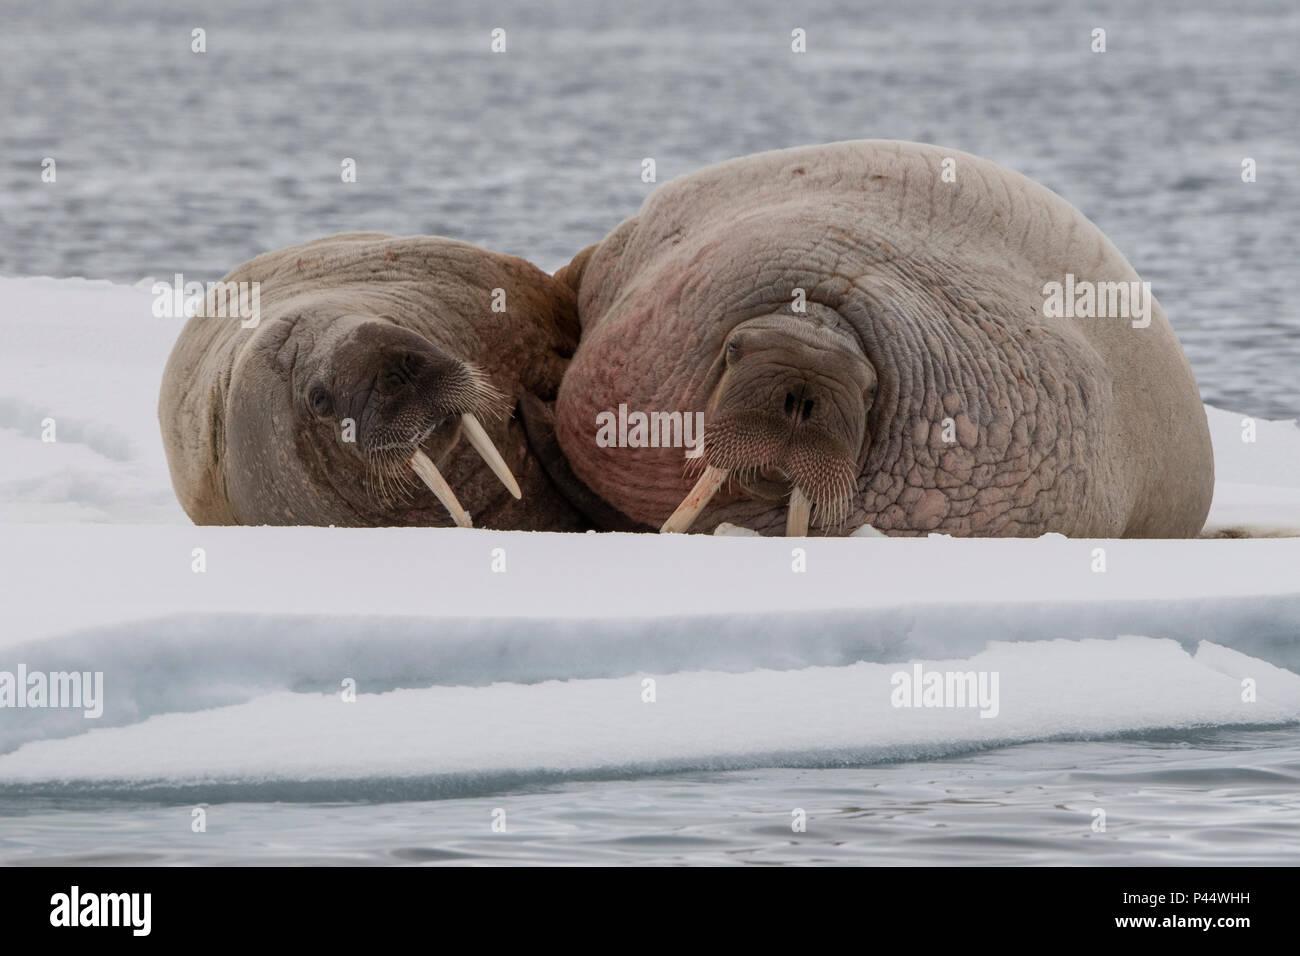 Norwegen, Spitzbergen, Nordaustlandet, Austfonna. Walross (Odobenus rosmarus) auf Eis. Stockbild